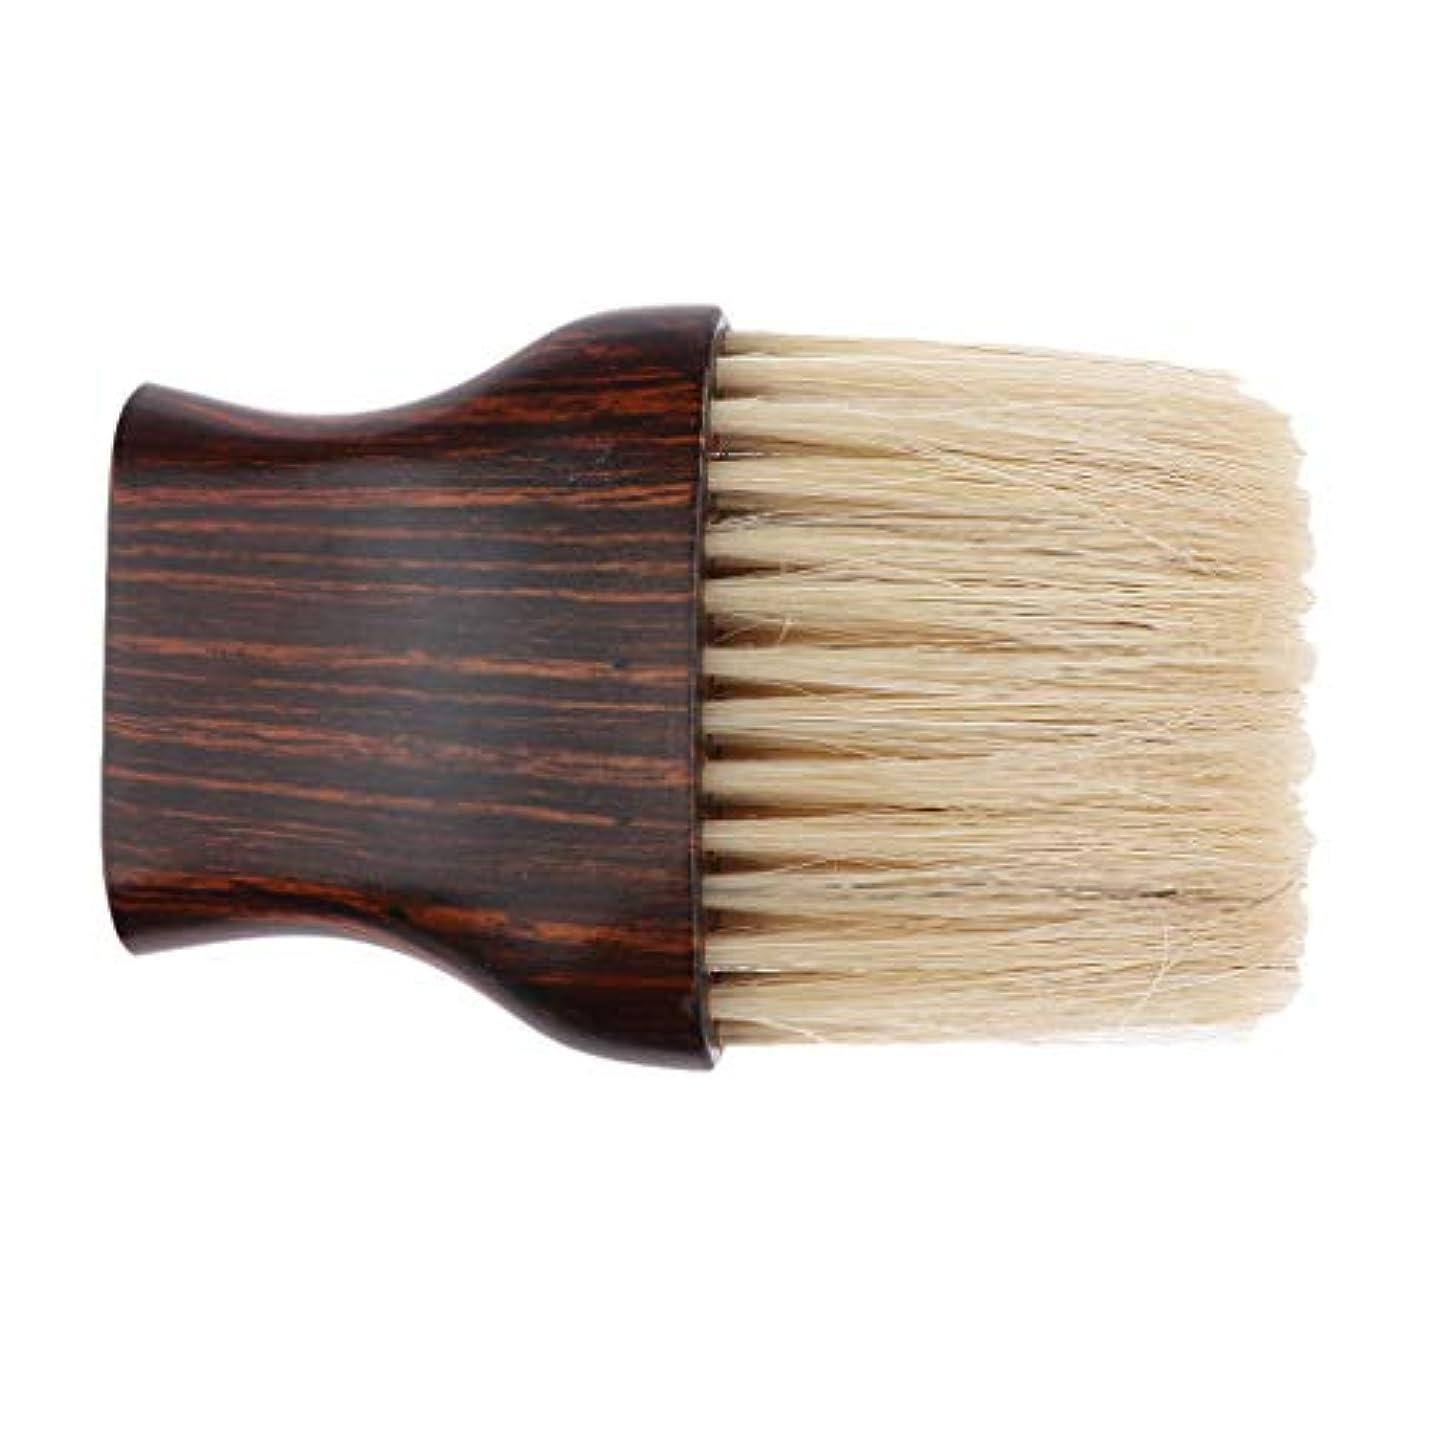 ほのめかす延ばす巡礼者ヘアブラシ 毛払いブラシ 木製ハンドル 散髪 髪切り 散髪用ツール 理髪店 美容院 ソフトブラシ